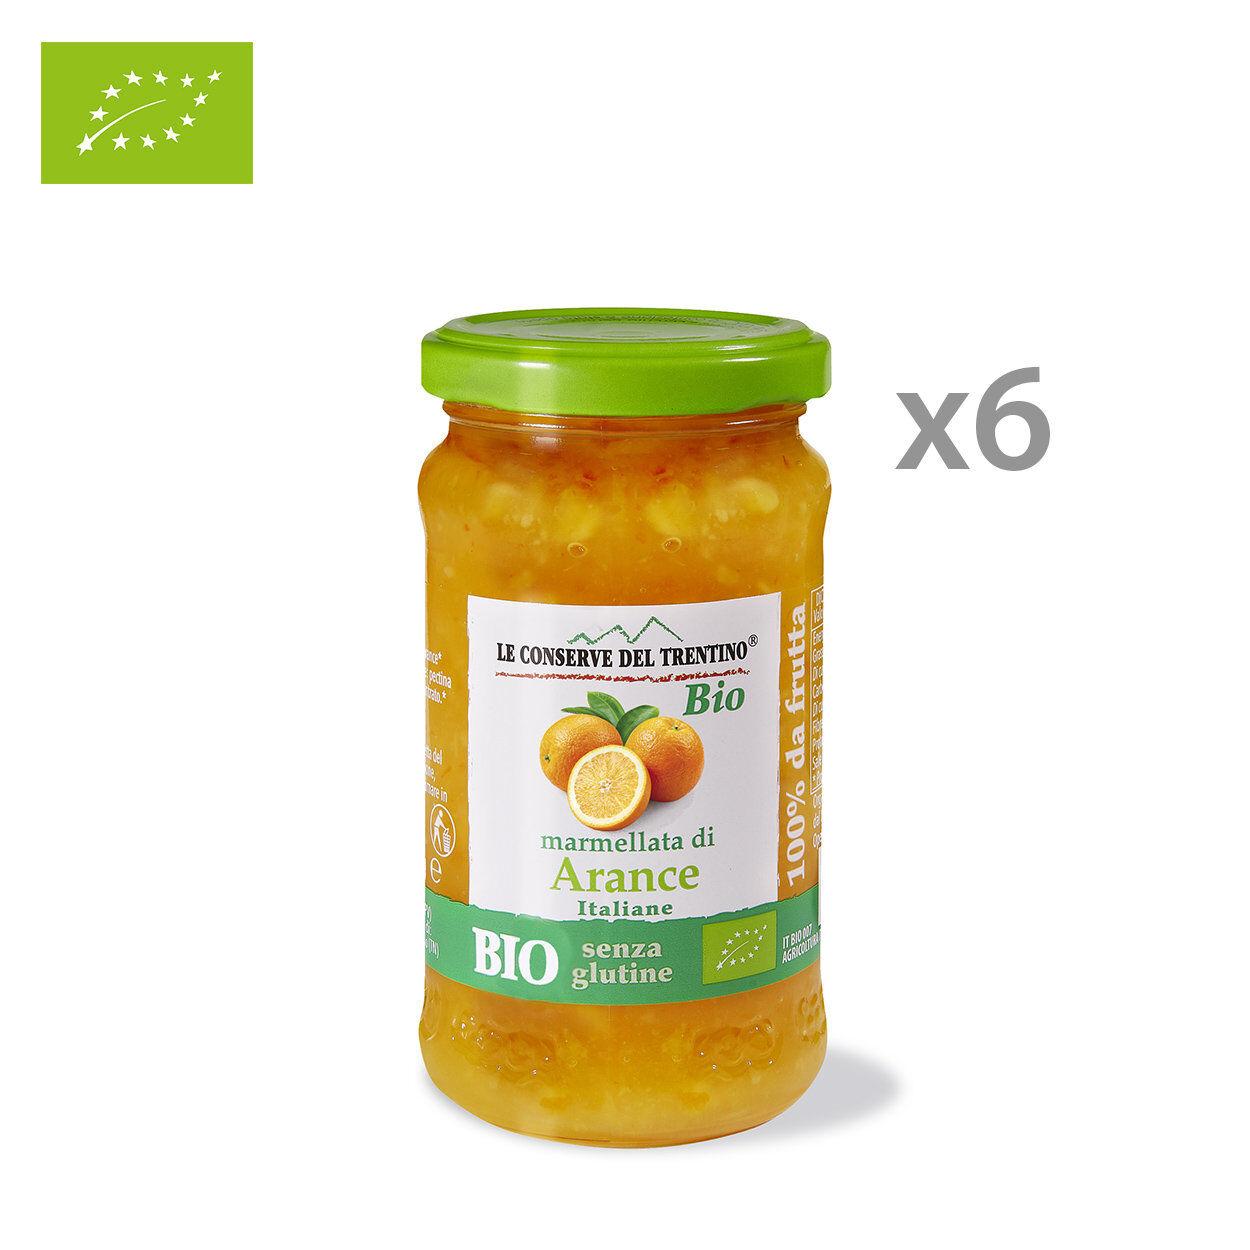 Le Conserve del Trentino 6 vasetti - Marmellata di Arancia BIO 250 gr